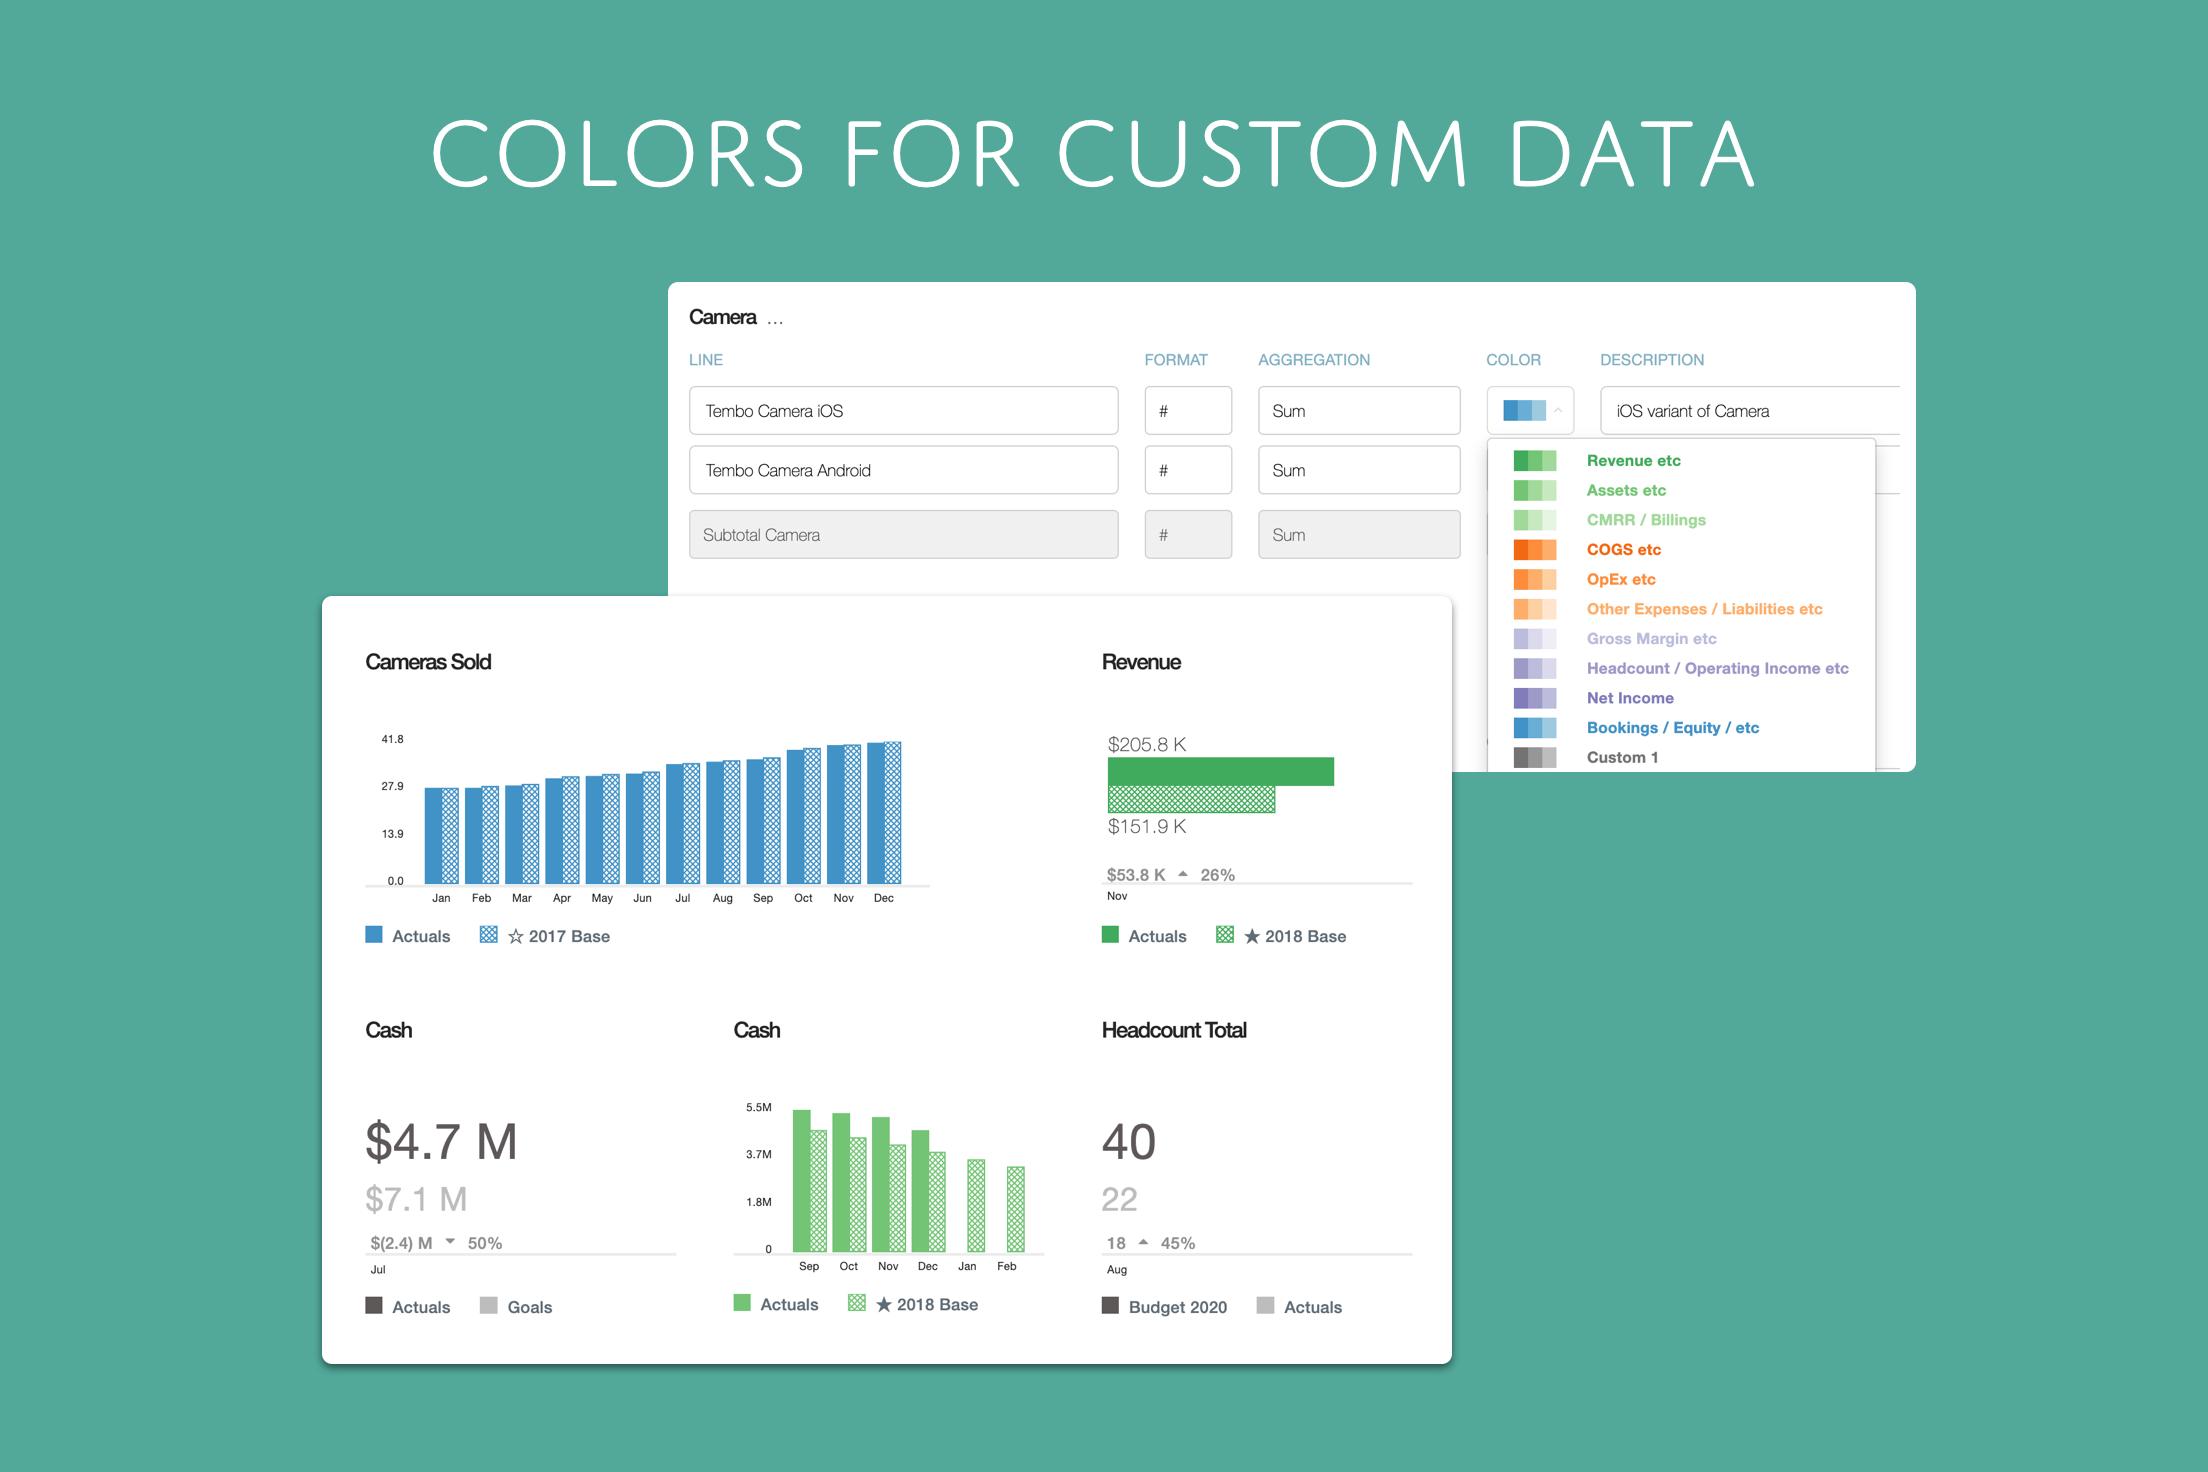 Colors for Custom Data